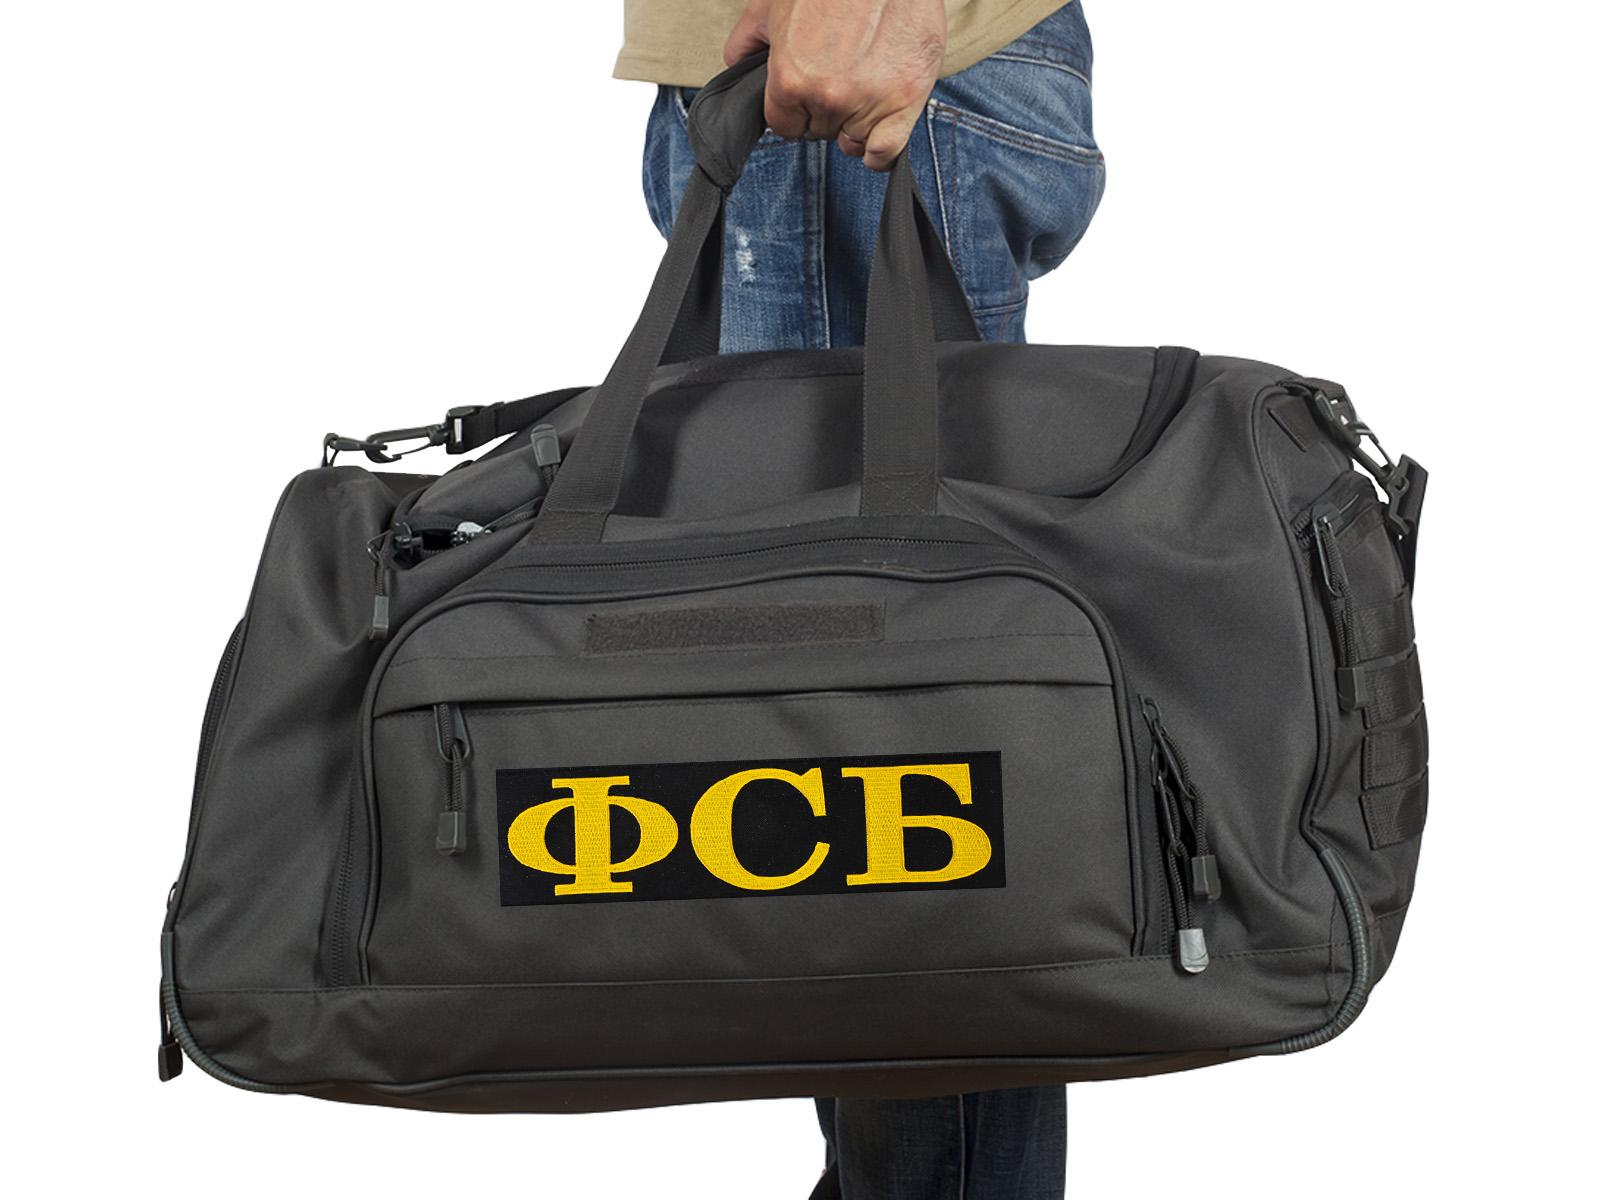 Купить темно-серую дорожную сумку ФСБ армейского образца 08032B по лучшей цене